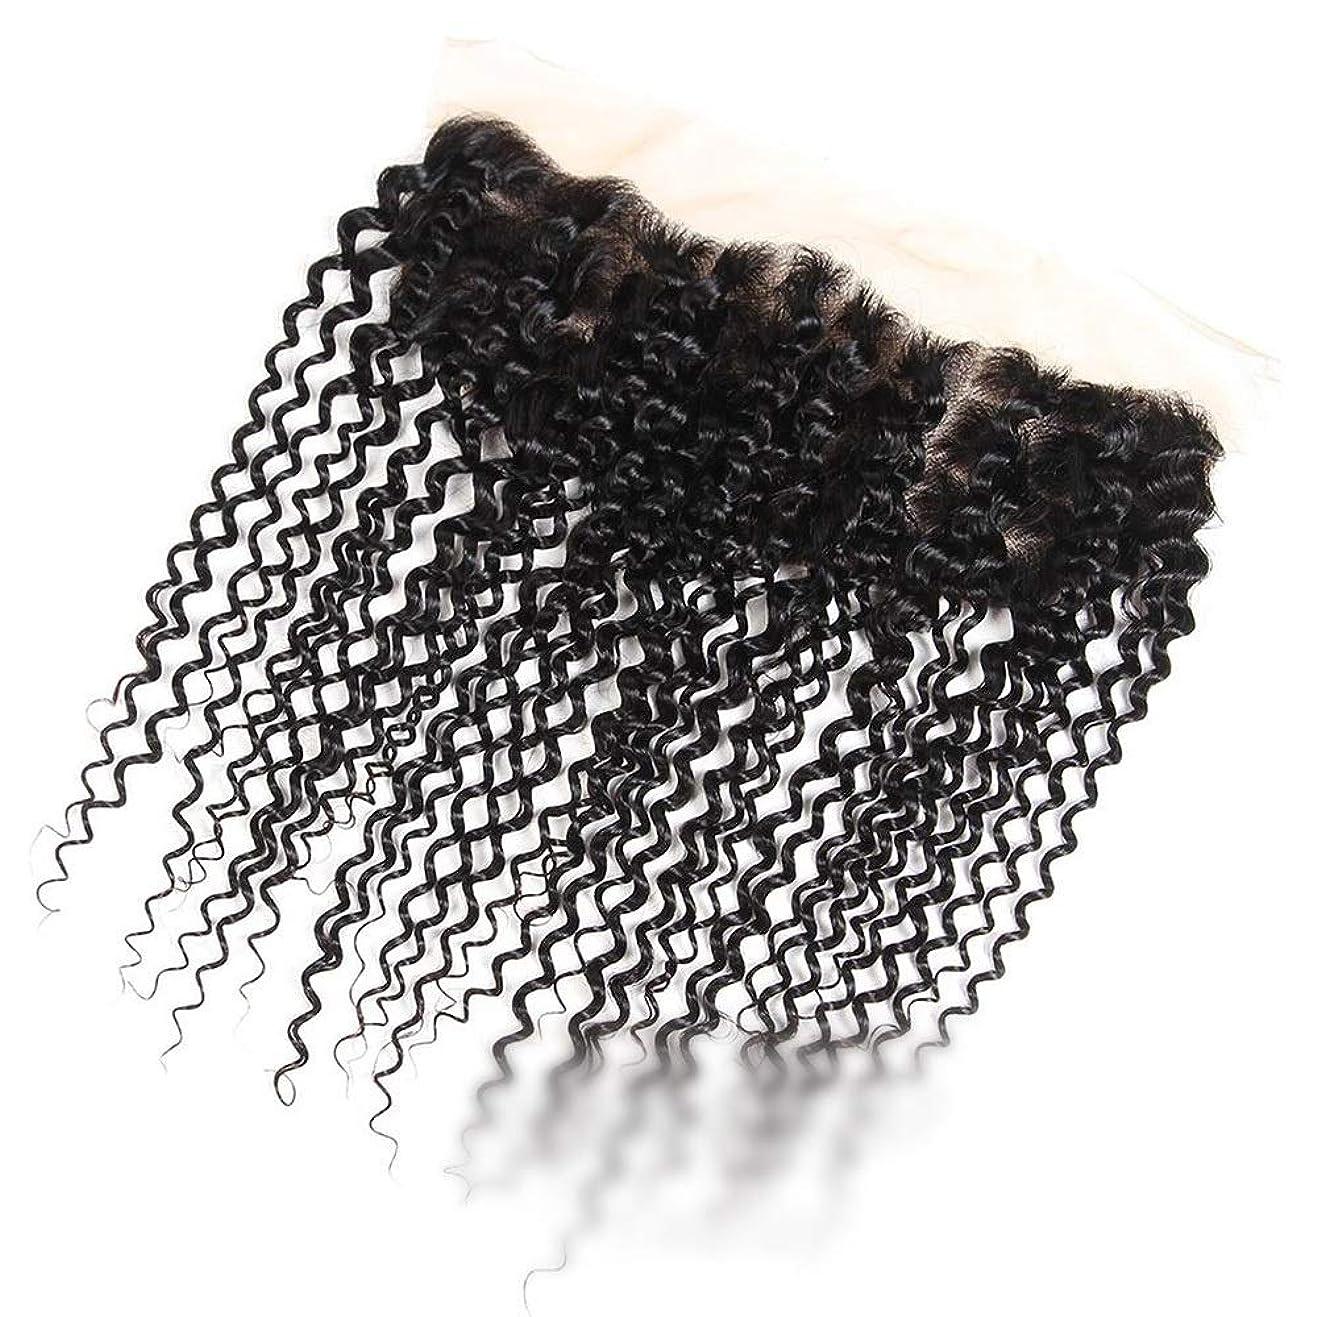 たまに一過性ヘルメットBOBIDYEE ブラジルのジェリーカーリーウェーブ人間の髪の毛の自由な部分13×4インチレース前頭閉鎖ナチュラルカラーショートウィッグショートカーリーウィッグ (色 : 黒, サイズ : 8 inch)